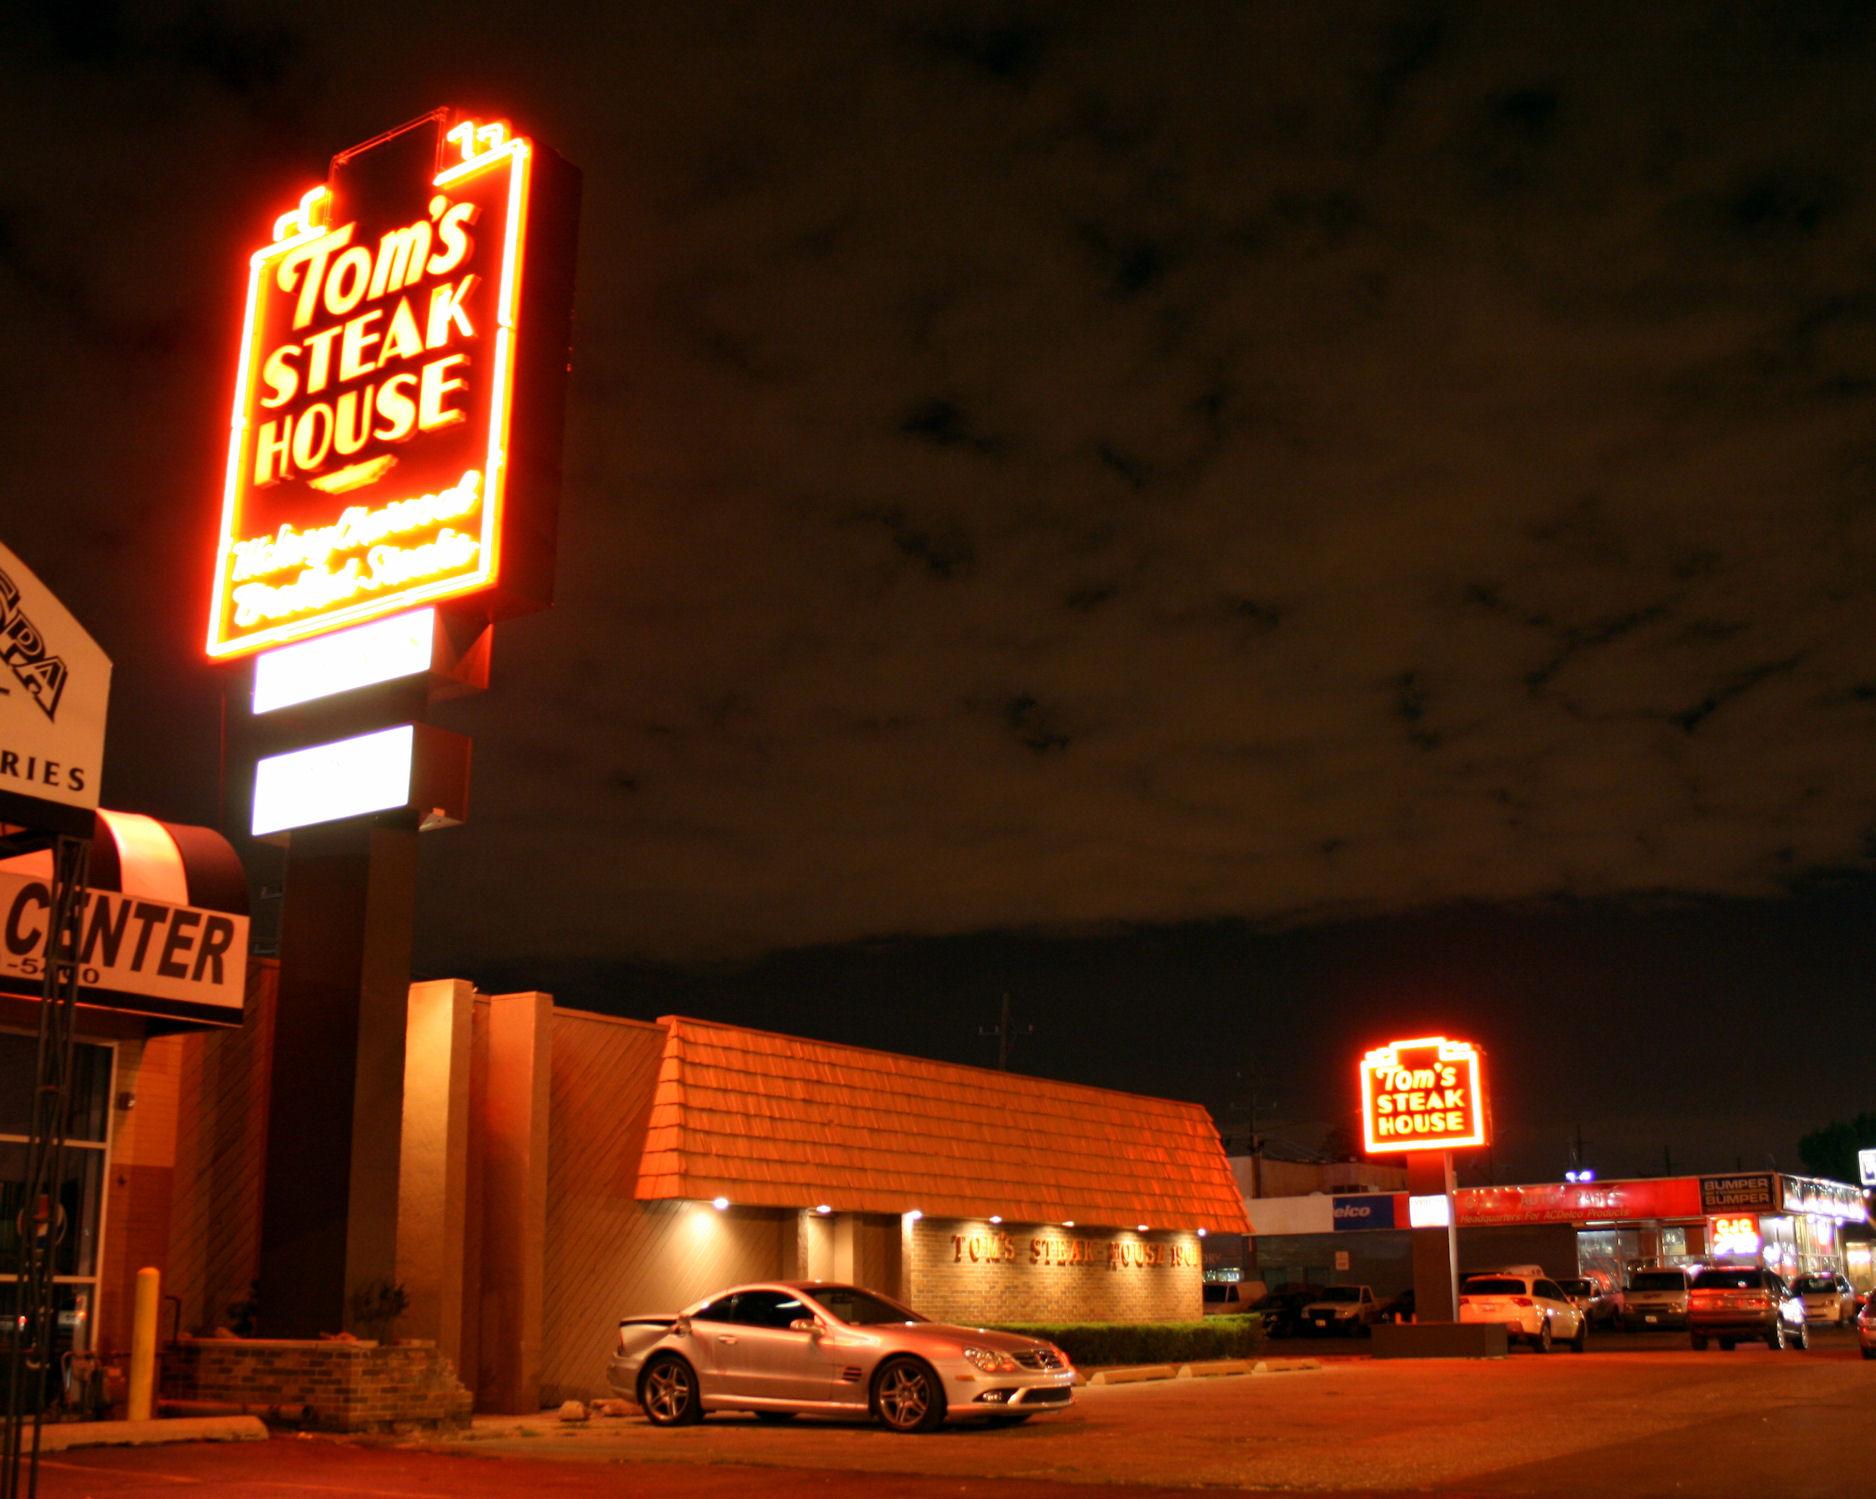 Tom's Steak House